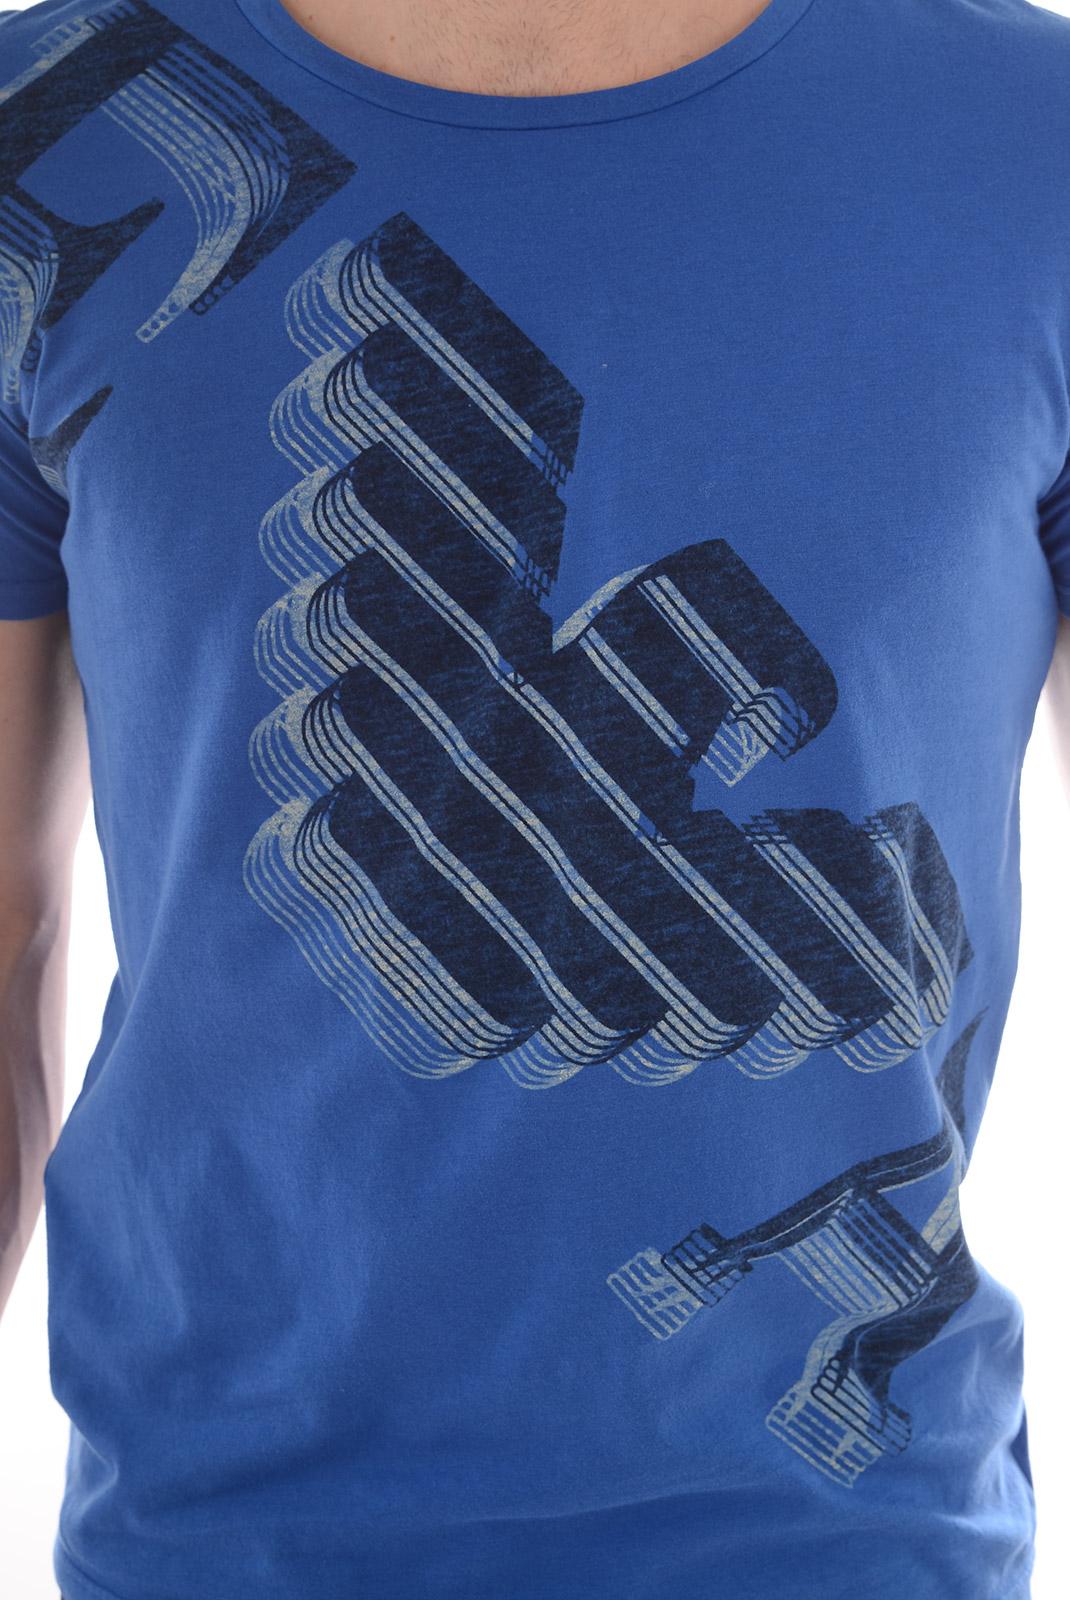 Tee-shirts  Emporio armani 211123 5P458 03833 GLACIER